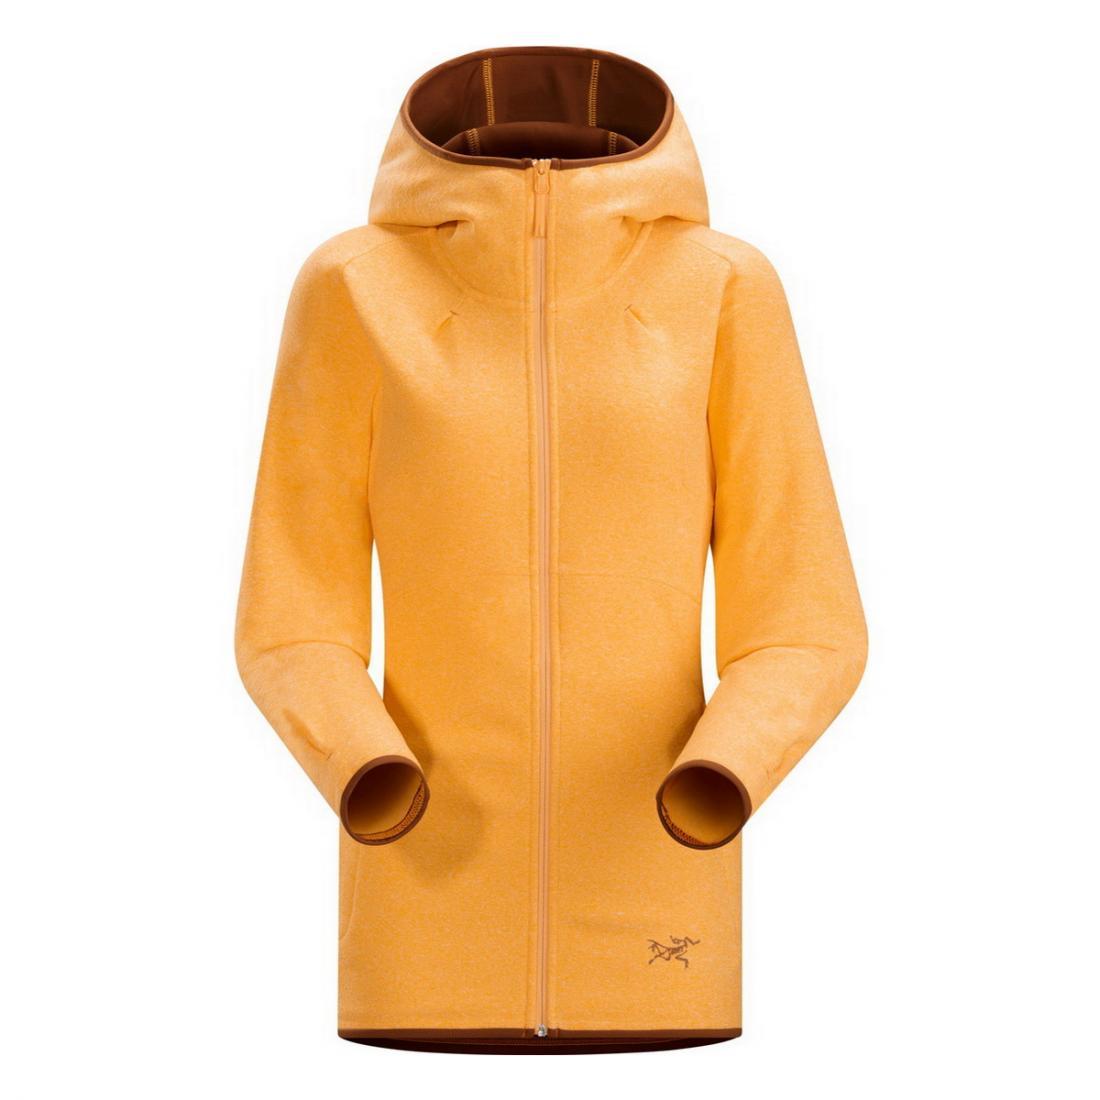 Куртка Caliber Hoody жен.Куртки<br><br><br><br> Заниматься спортом в куртке Caliber Hoody Womens удобно, тепло и практично. Это женская модель от компании Arcteryx для прохладной погоды. Удли...<br><br>Цвет: Оранжевый<br>Размер: M